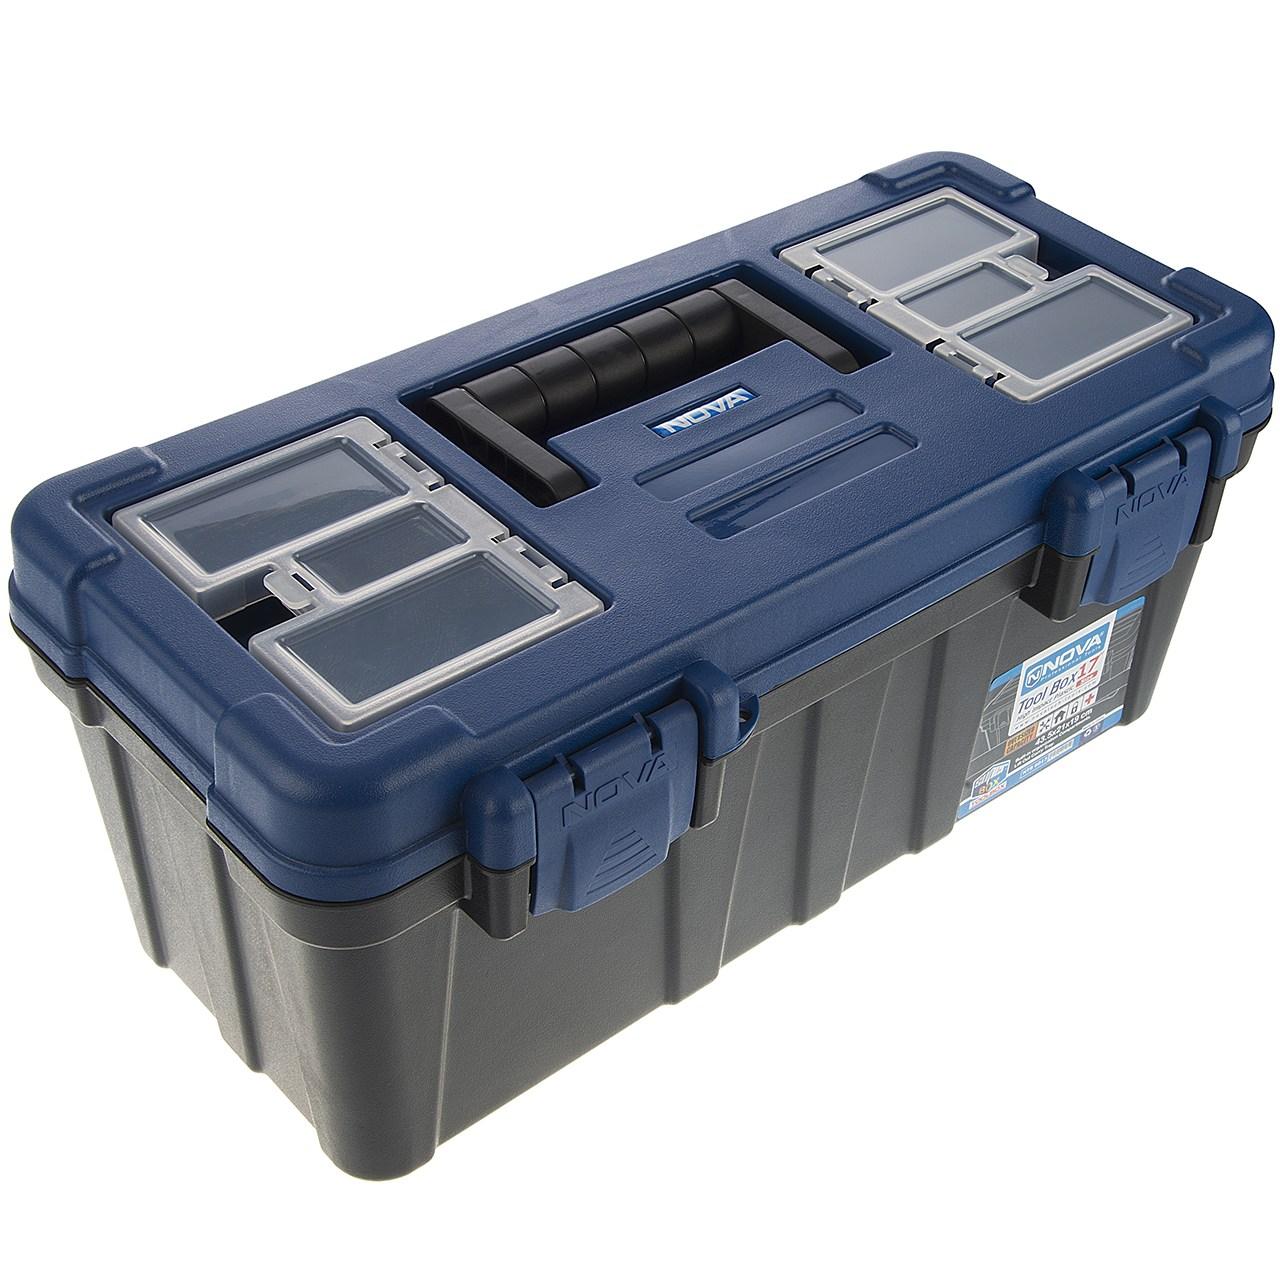 جعبه ابزار نووا مدل NTB-6017 سایز 17 اینچ